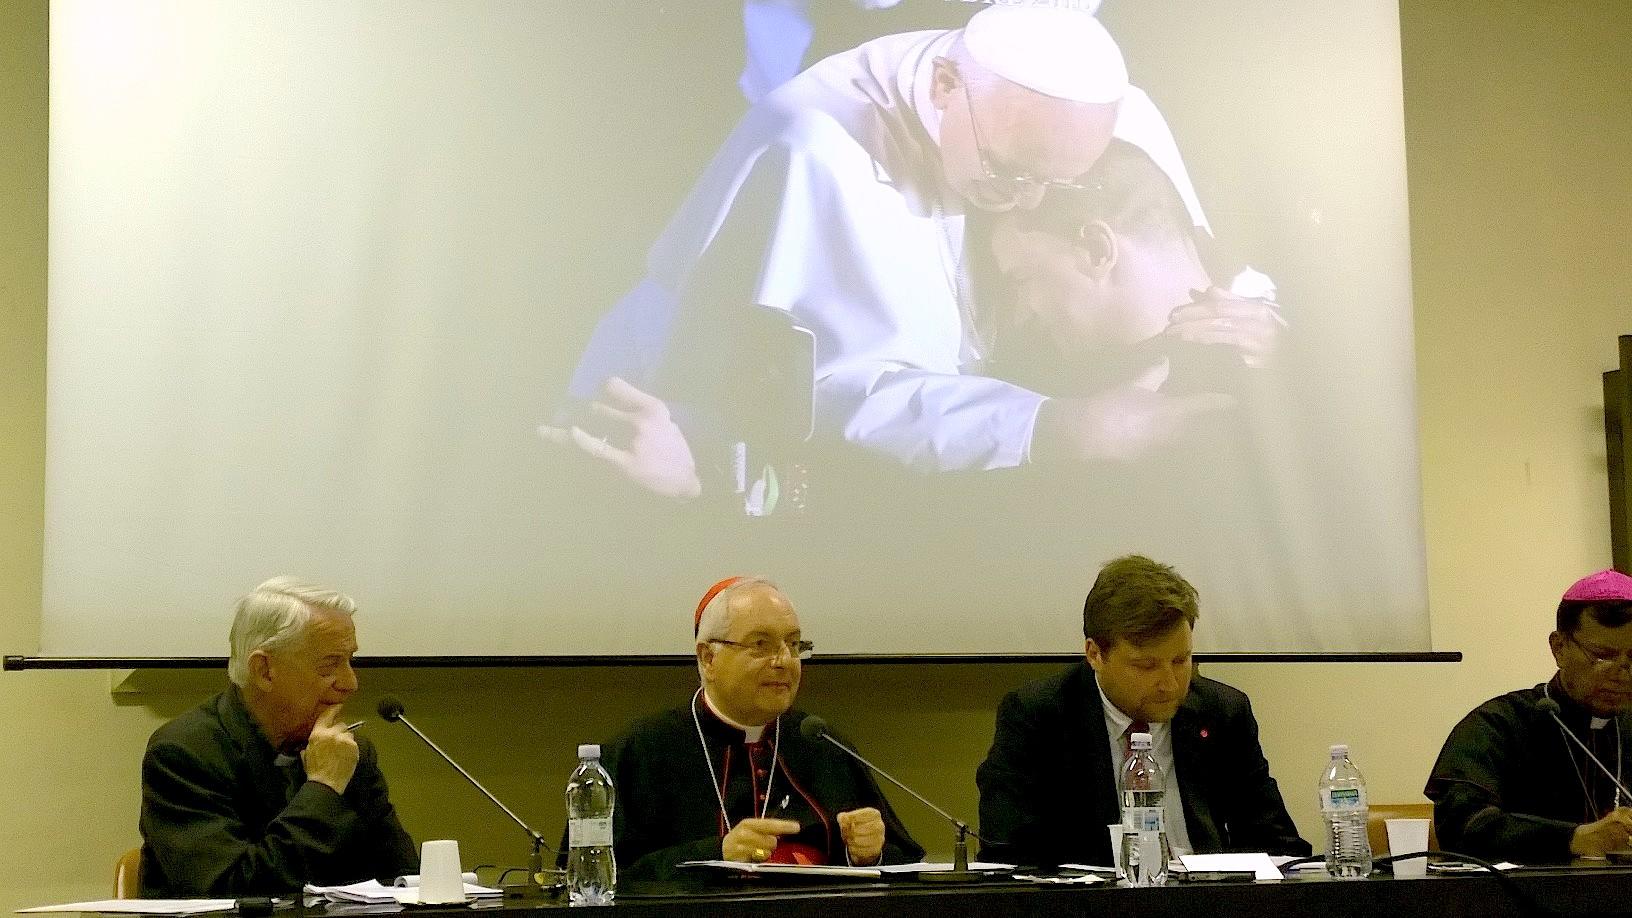 Durante la presentación en la Sala Marconi de la Radio Vaticano (Foto ZENIT cc)